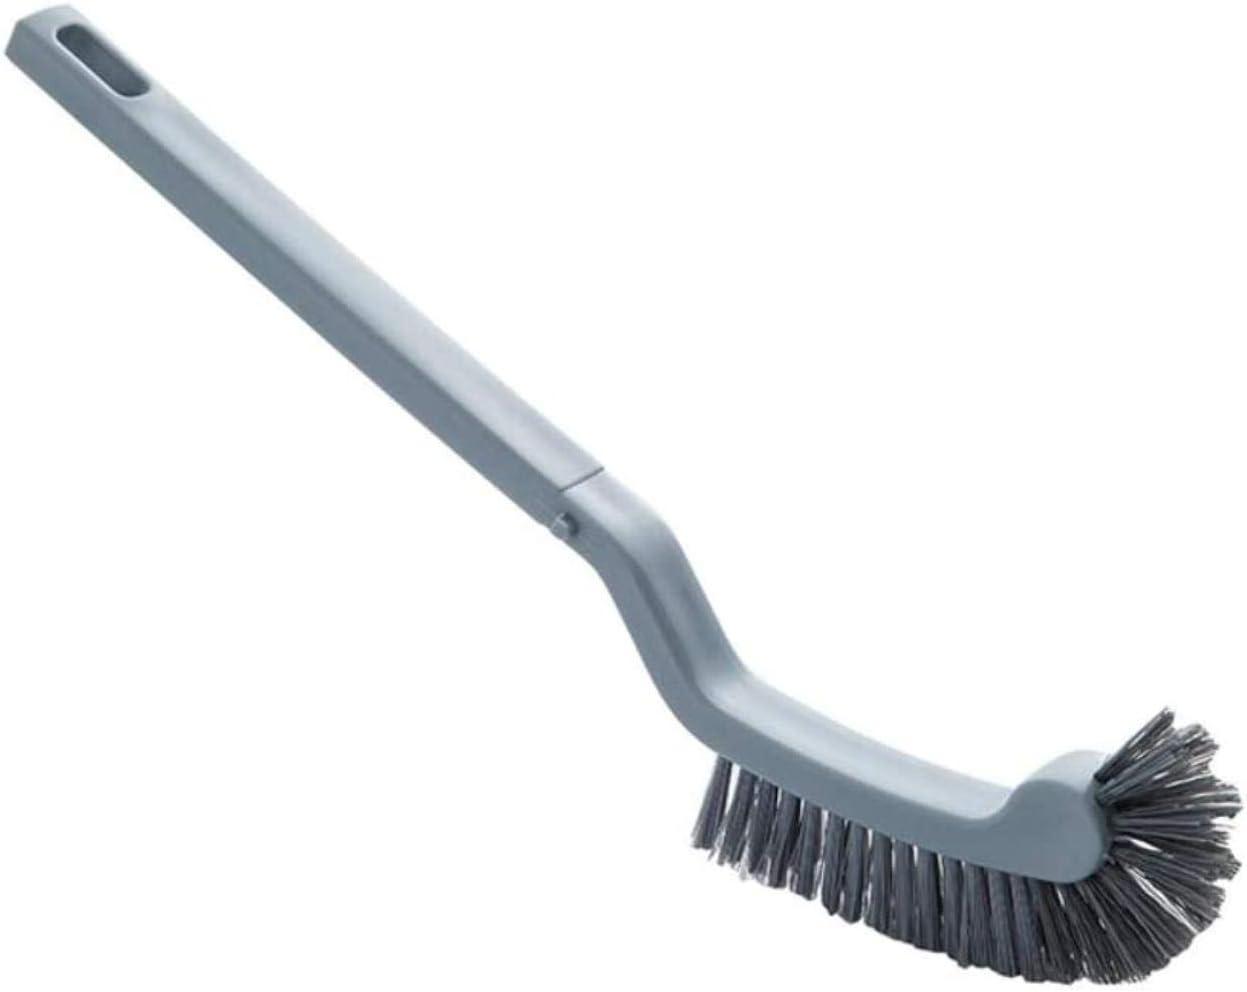 Cepillo Curvo Cabeza con Inodoro sin ángulo Mort Curvado de Barras for la Limpieza de inodoros, Mango Largo Cepillo de baño de plástico, Color: Blanco (Color : Noir)